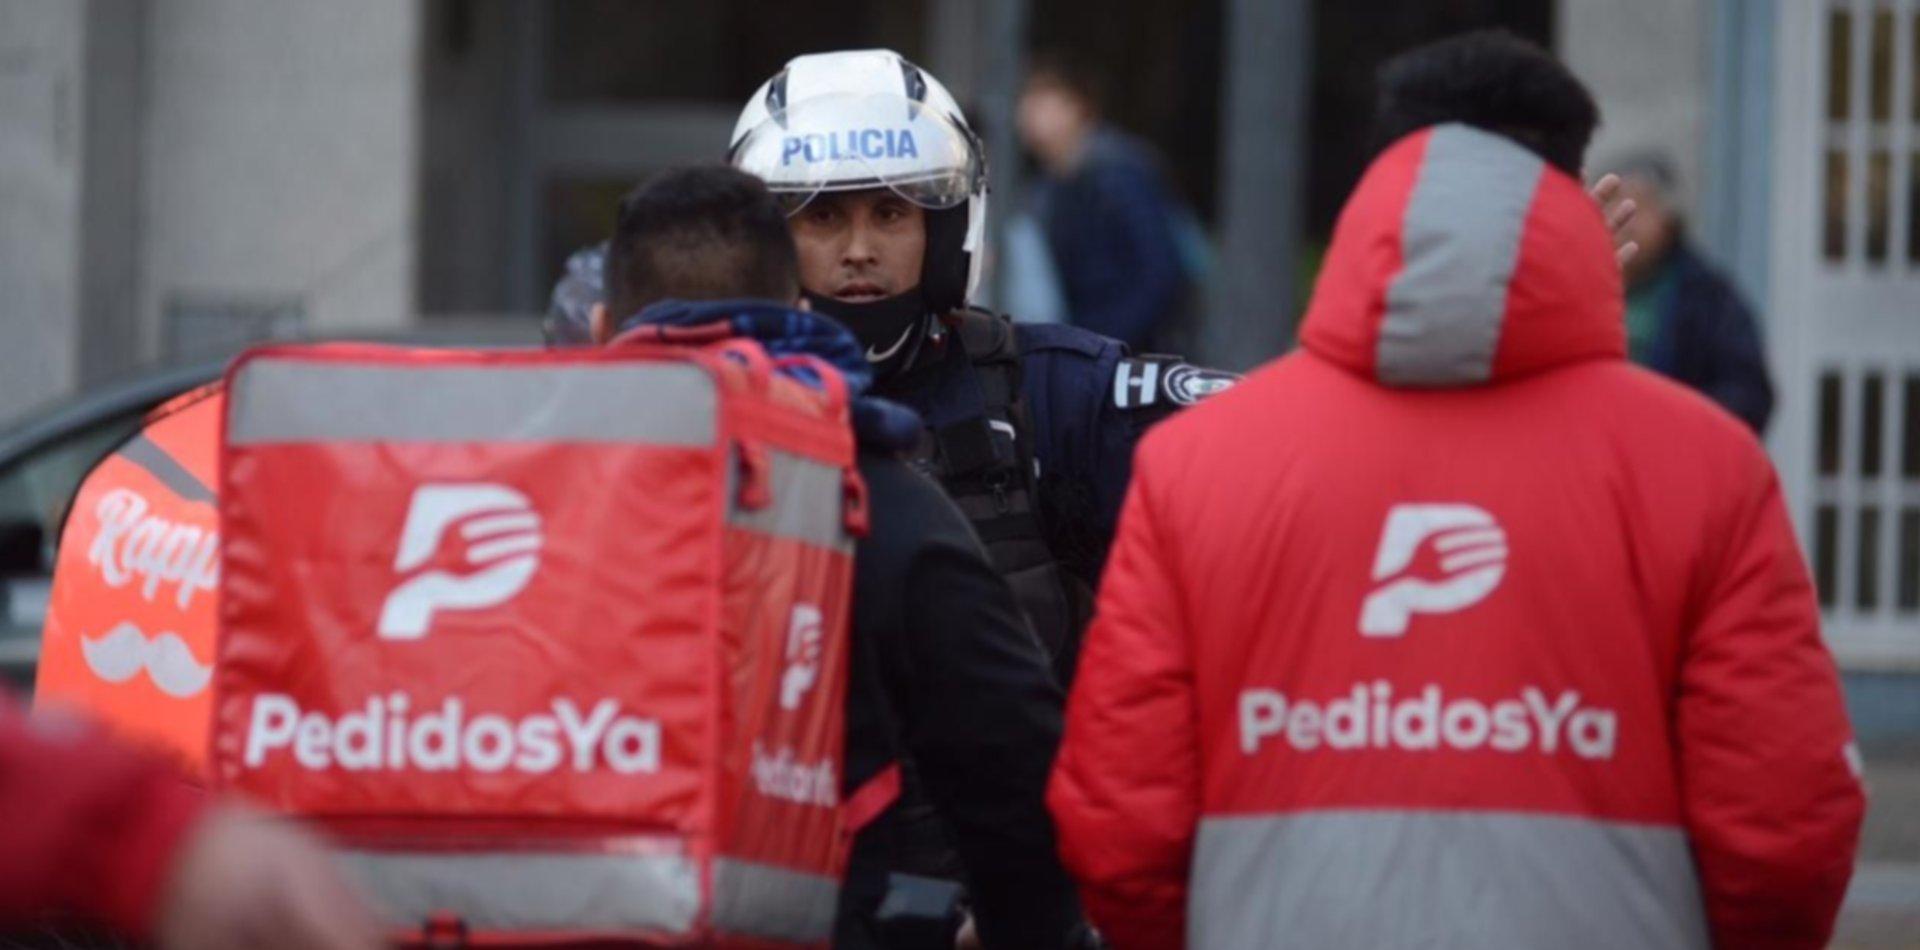 Violento asalto a un repartidor de Pedidos Ya: lo atacaron e hirieron con una tijera